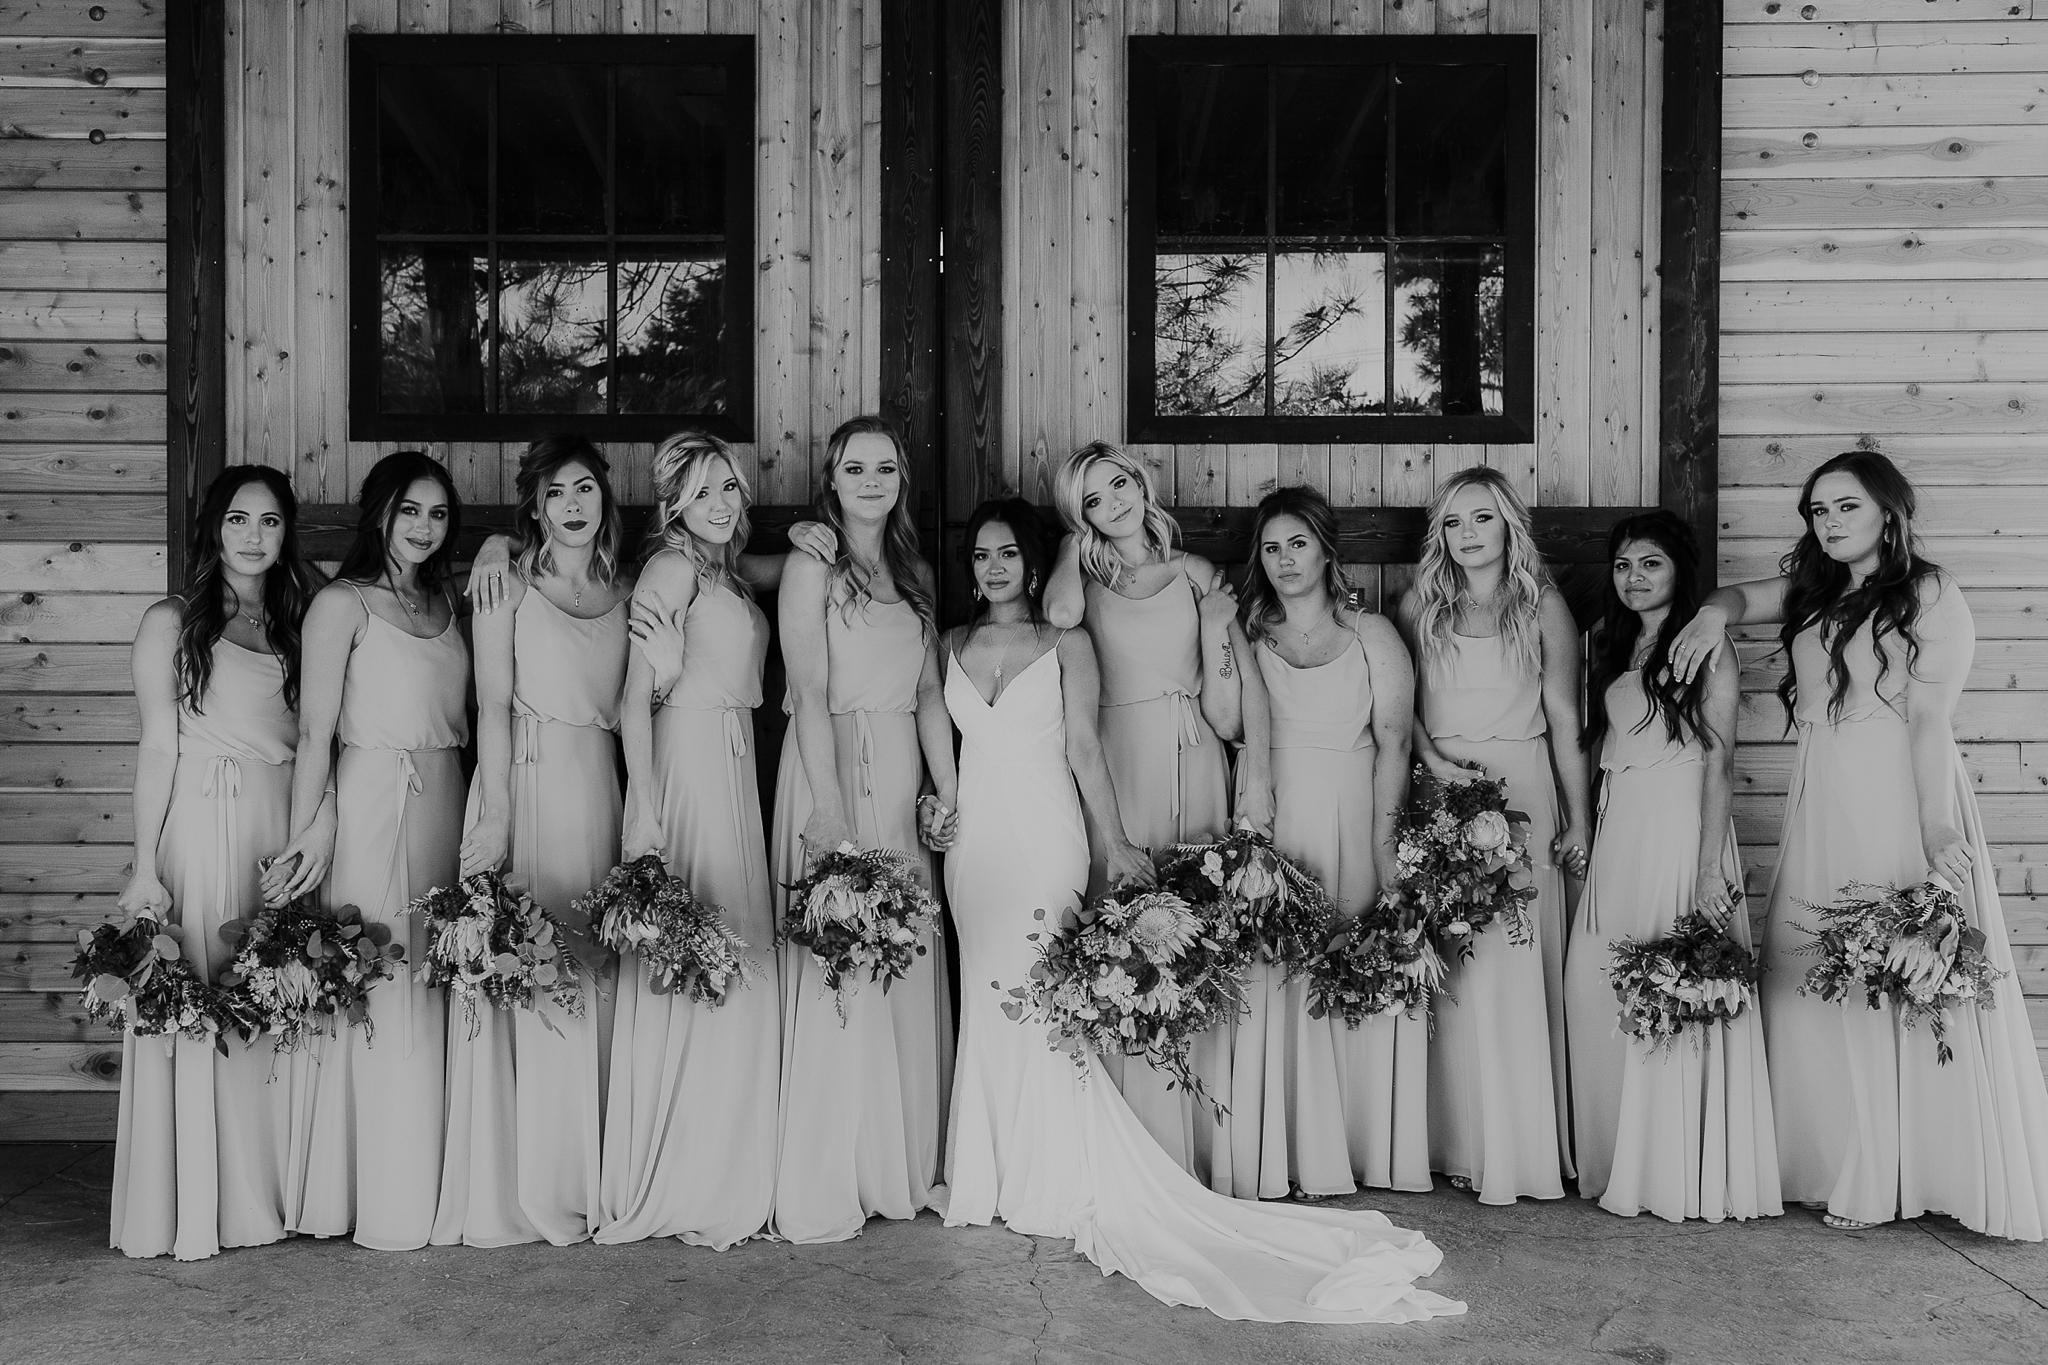 Alicia+lucia+photography+-+albuquerque+wedding+photographer+-+santa+fe+wedding+photography+-+new+mexico+wedding+photographer+-+new+mexico+wedding+-+new+mexico+wedding+-+barn+wedding+-+enchanted+vine+barn+wedding+-+ruidoso+wedding_0076.jpg